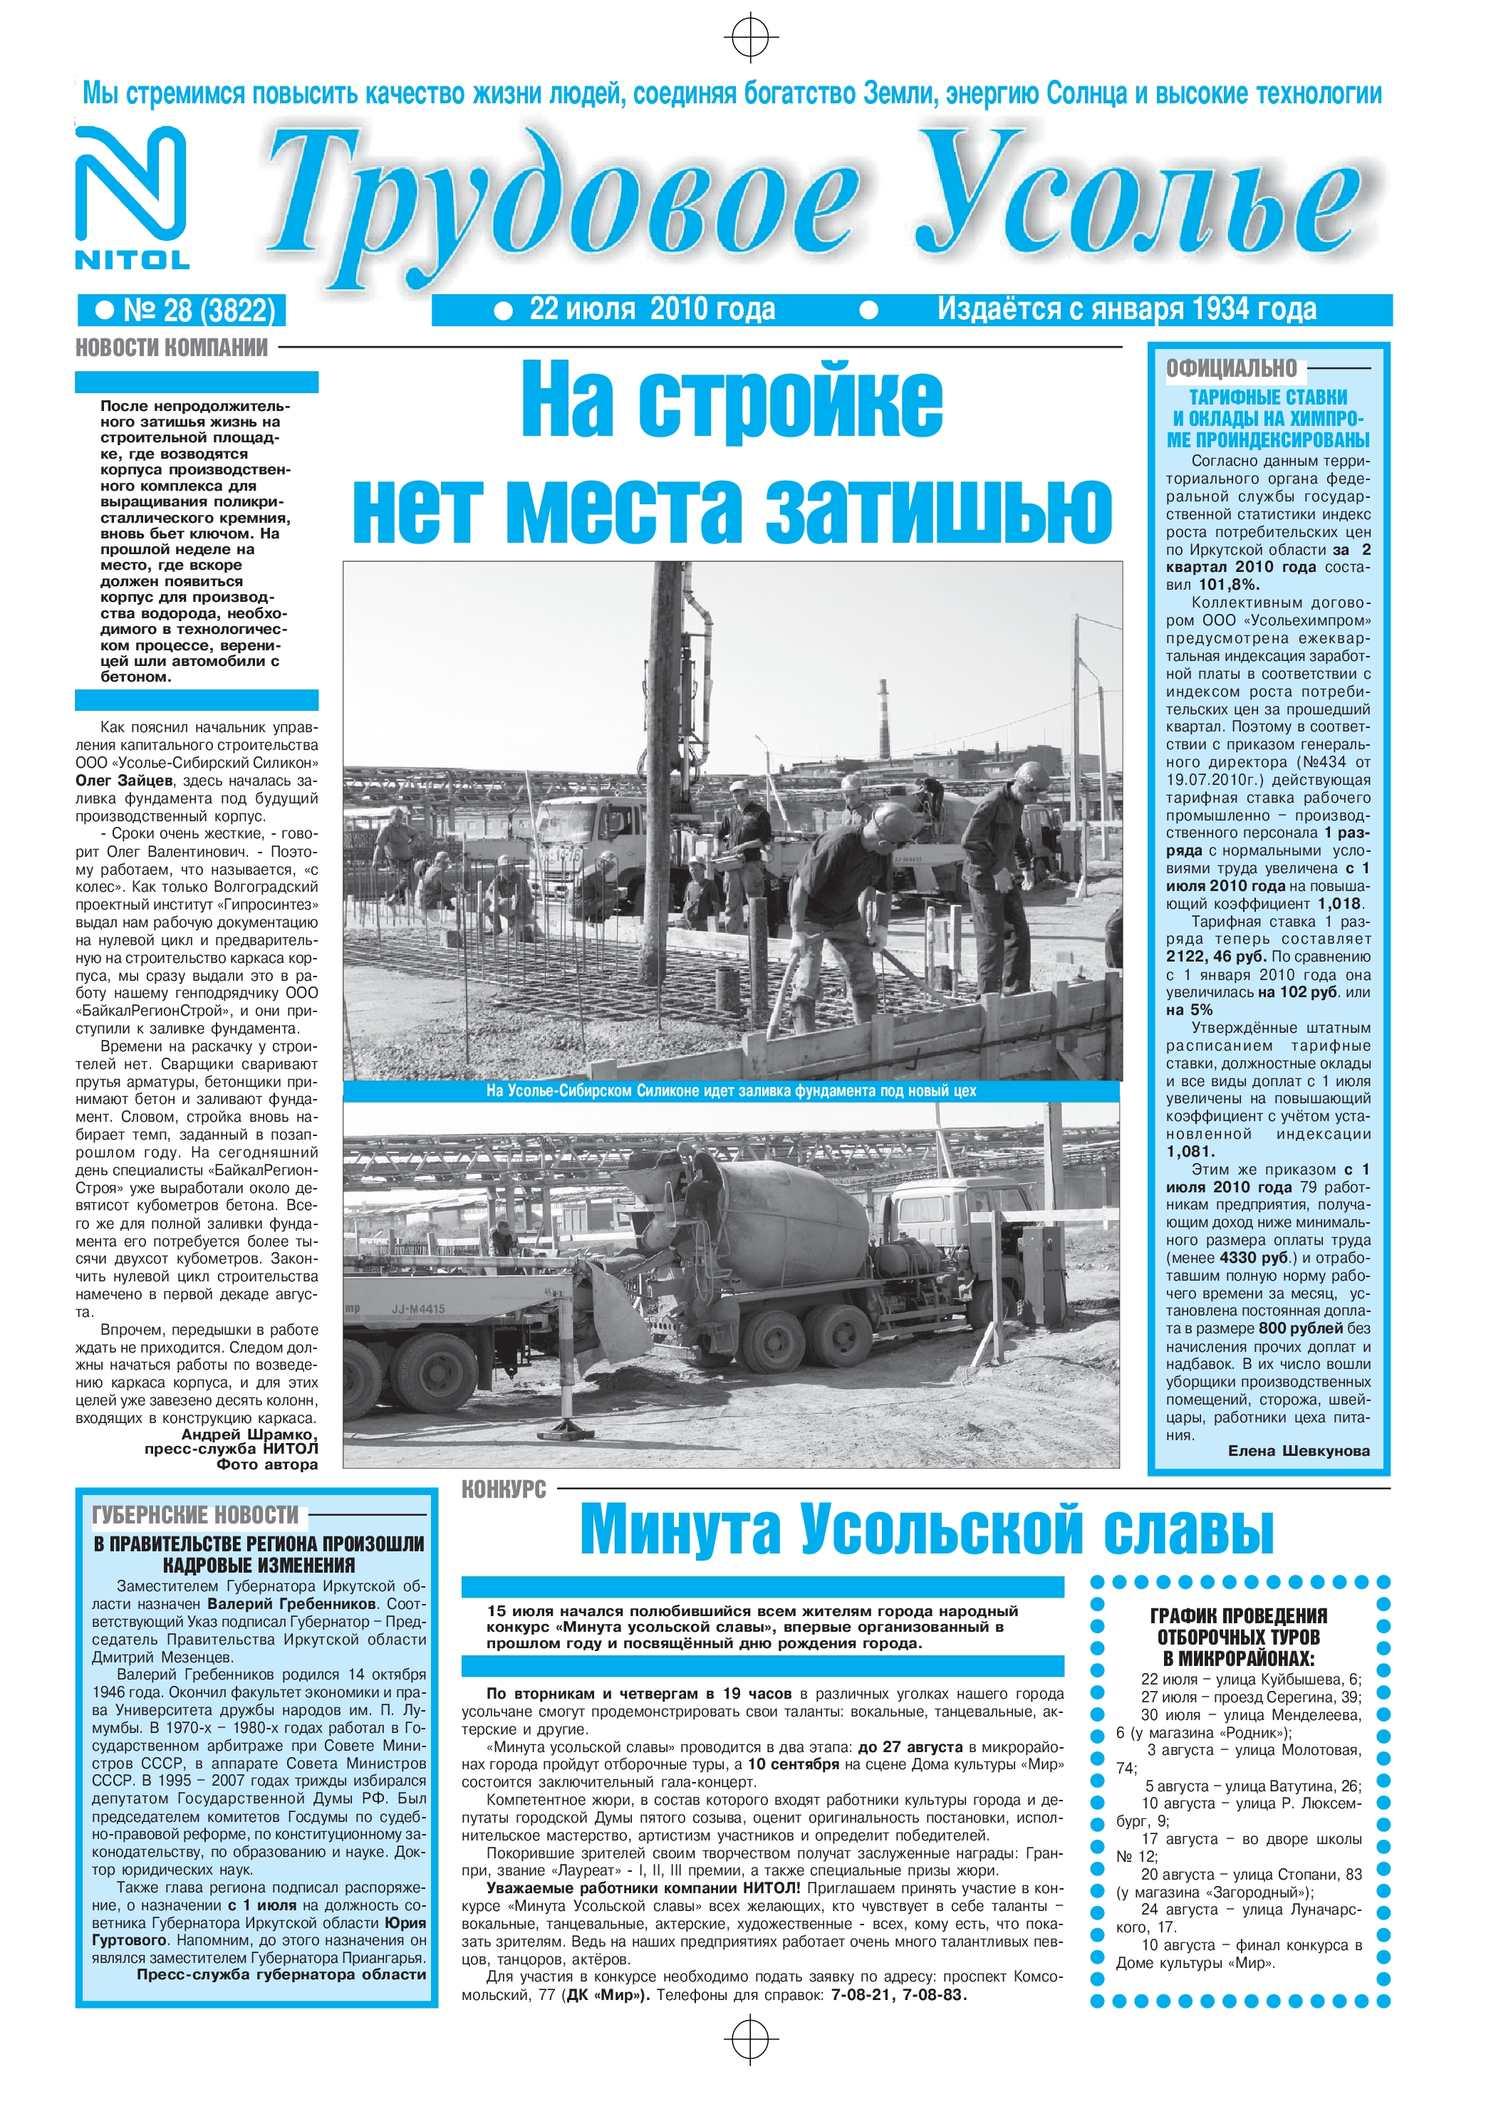 Трудовой договор для фмс в москве Серегина улица справку из банка Никулинская улица